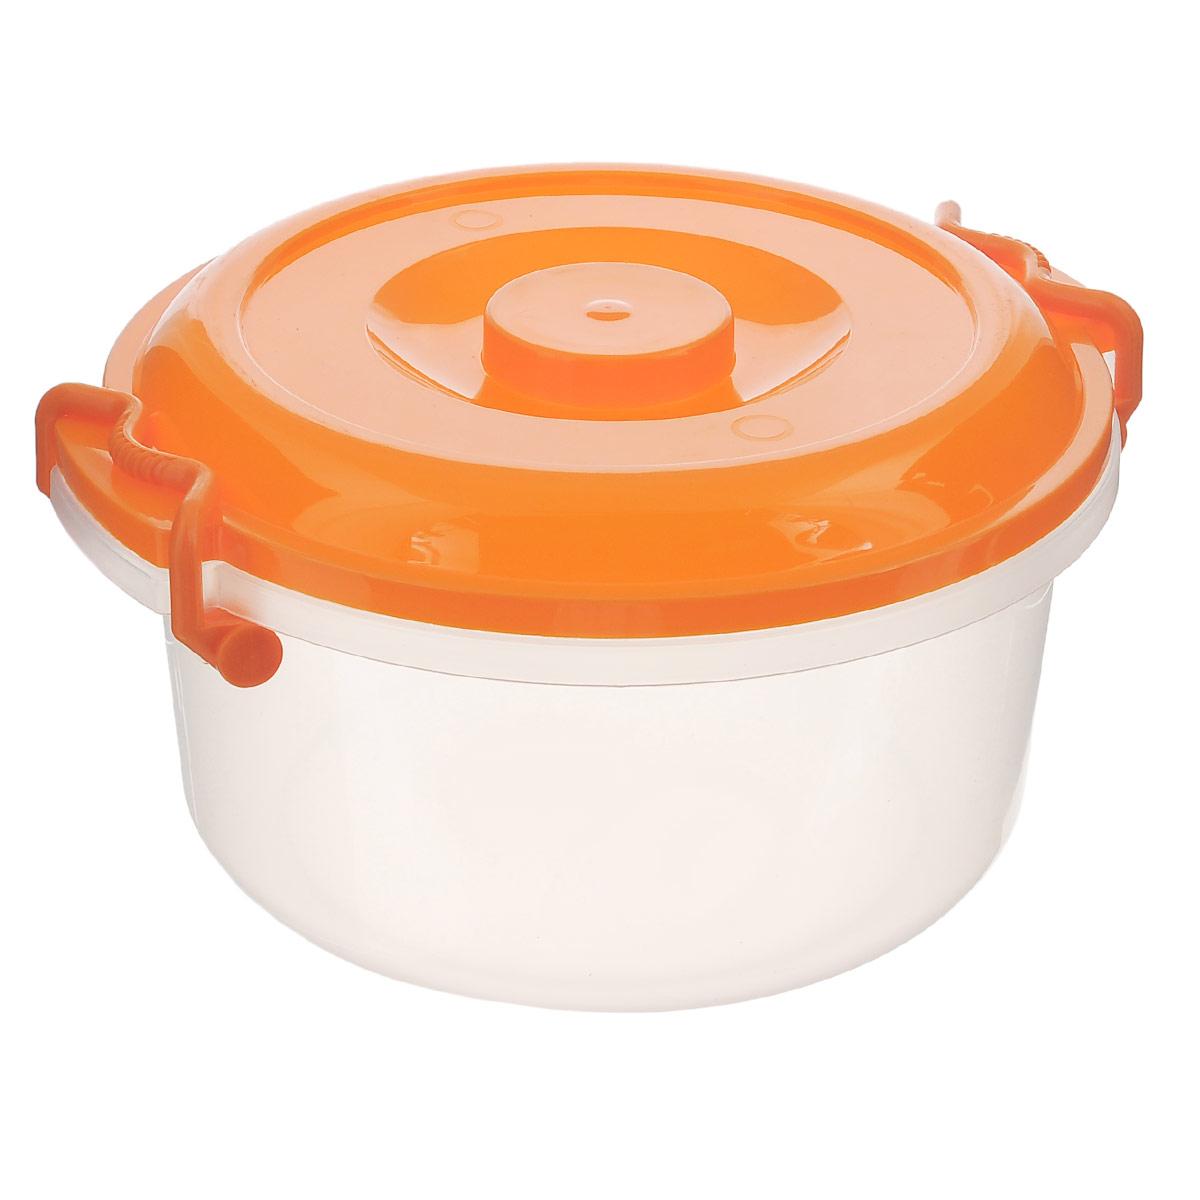 Контейнер Альтернатива, цвет: оранжевый, 5 лАксион Т-33Контейнер Альтернатива изготовлен из высококачественного пищевого пластика. Изделие оснащено крышкой и ручками, которые плотно закрывают контейнер. Также на крышке имеется ручка для удобной переноски. Емкость предназначена для хранения различных бытовых вещей и продуктов.Такой контейнер очень функционален и всегда пригодится на кухне. Диаметр контейнера (без учета крышки): 25 см. Высота стенок: 13,5 см. Объем: 5 л.